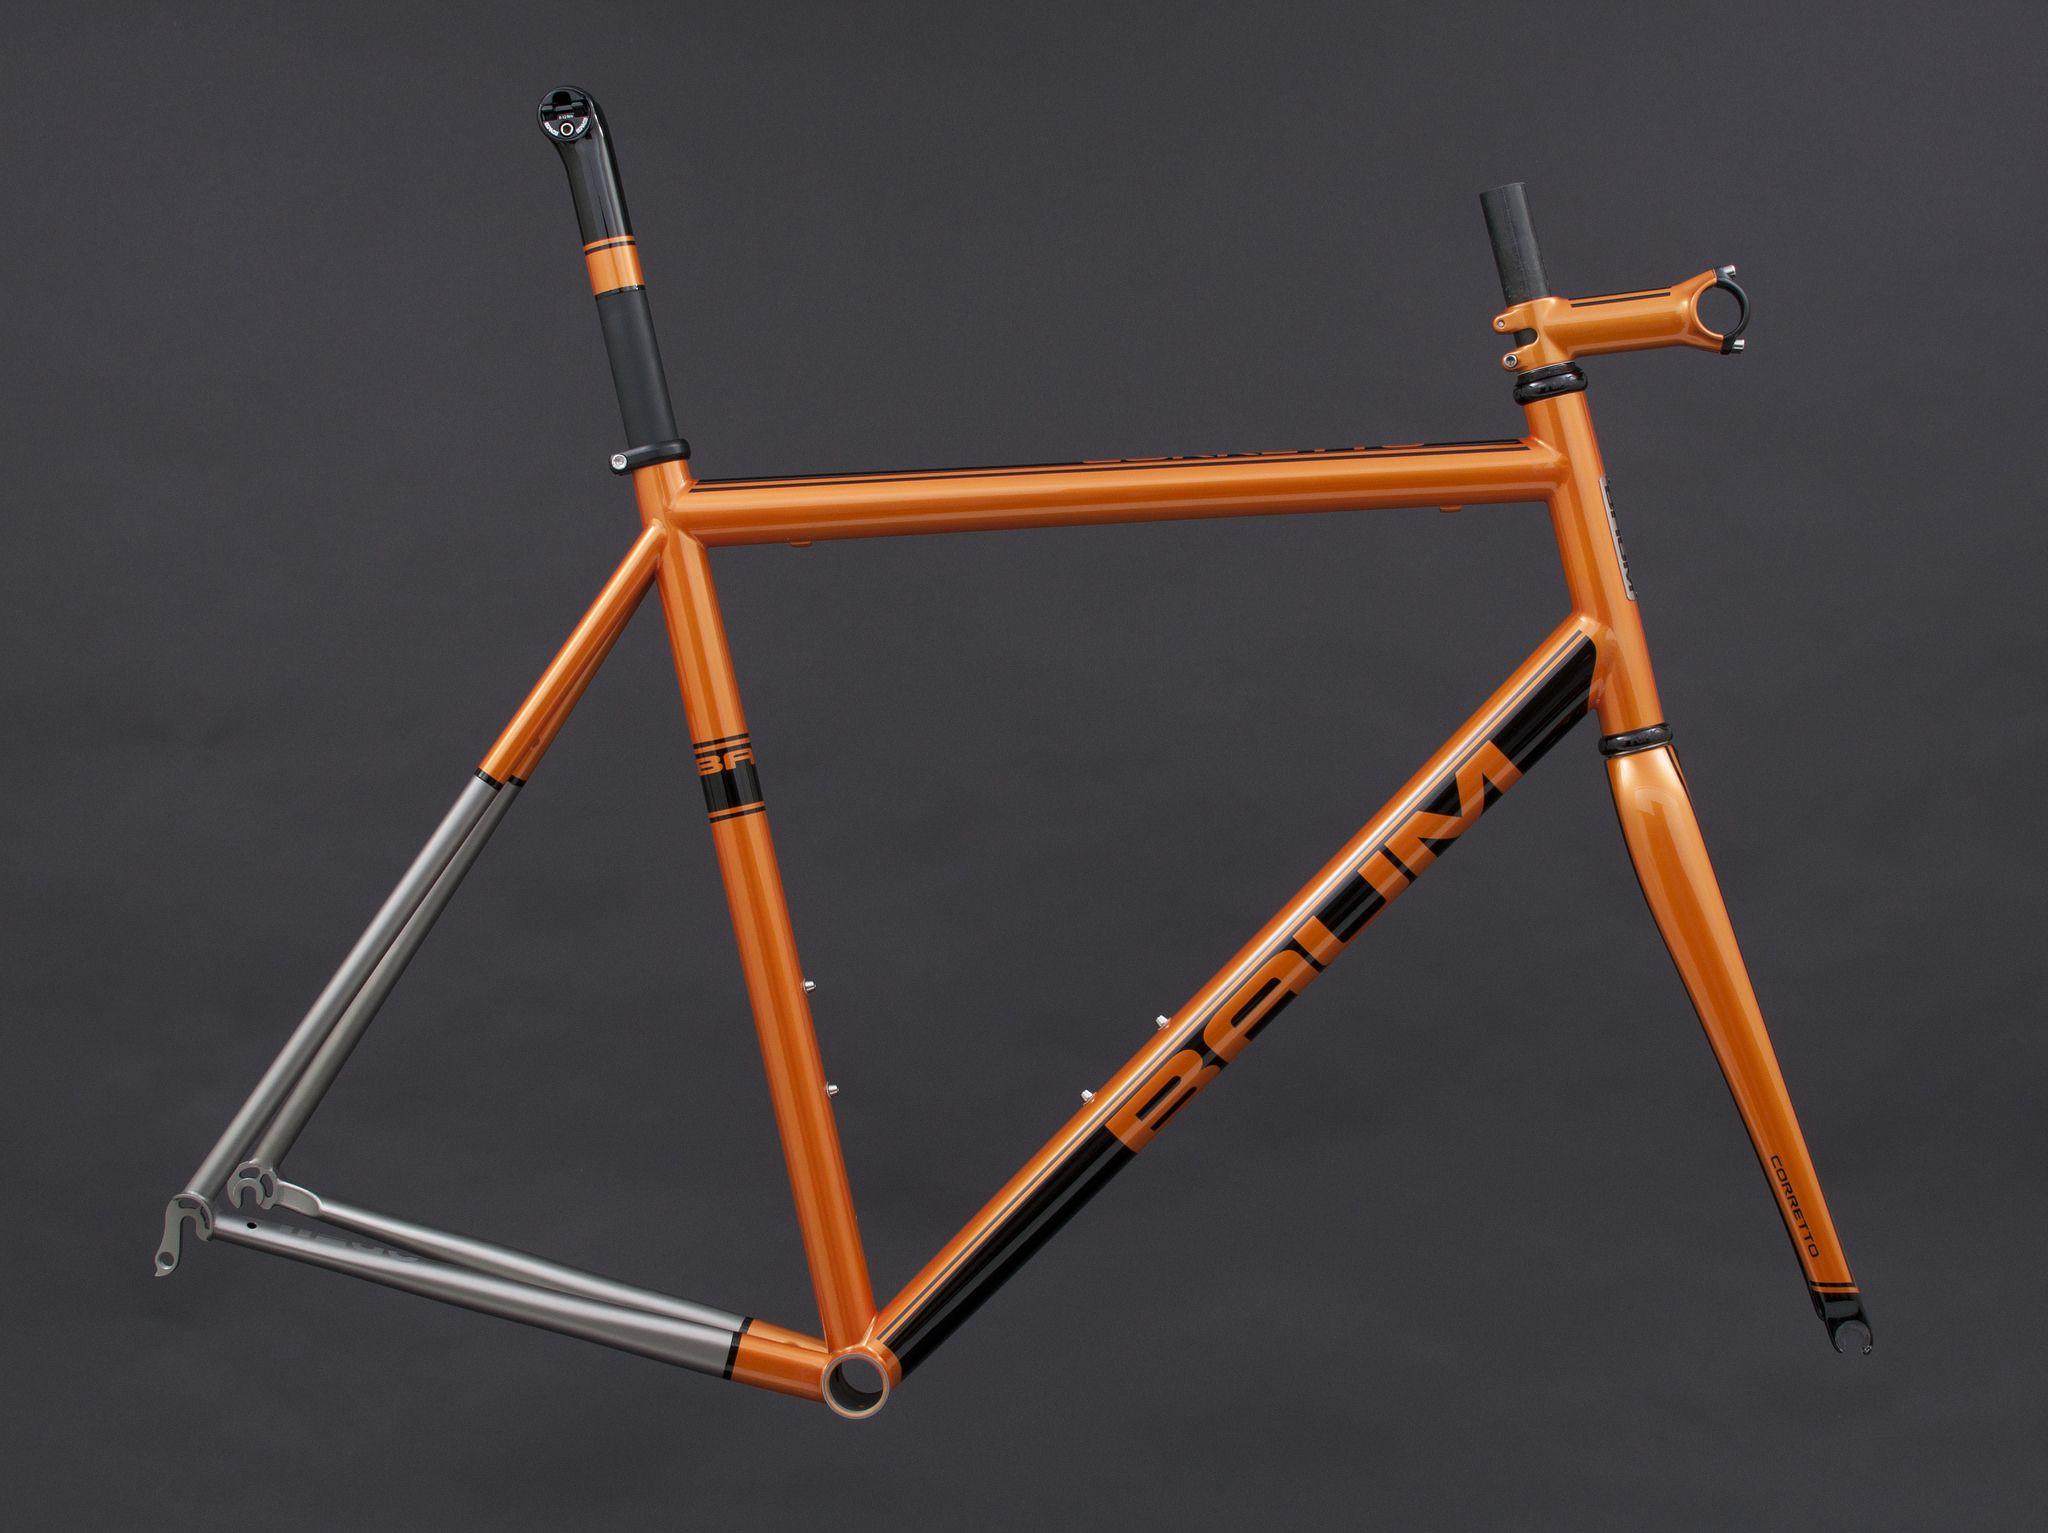 Gts Burnt Orange Black Metalic Corretto Bike Design Bike